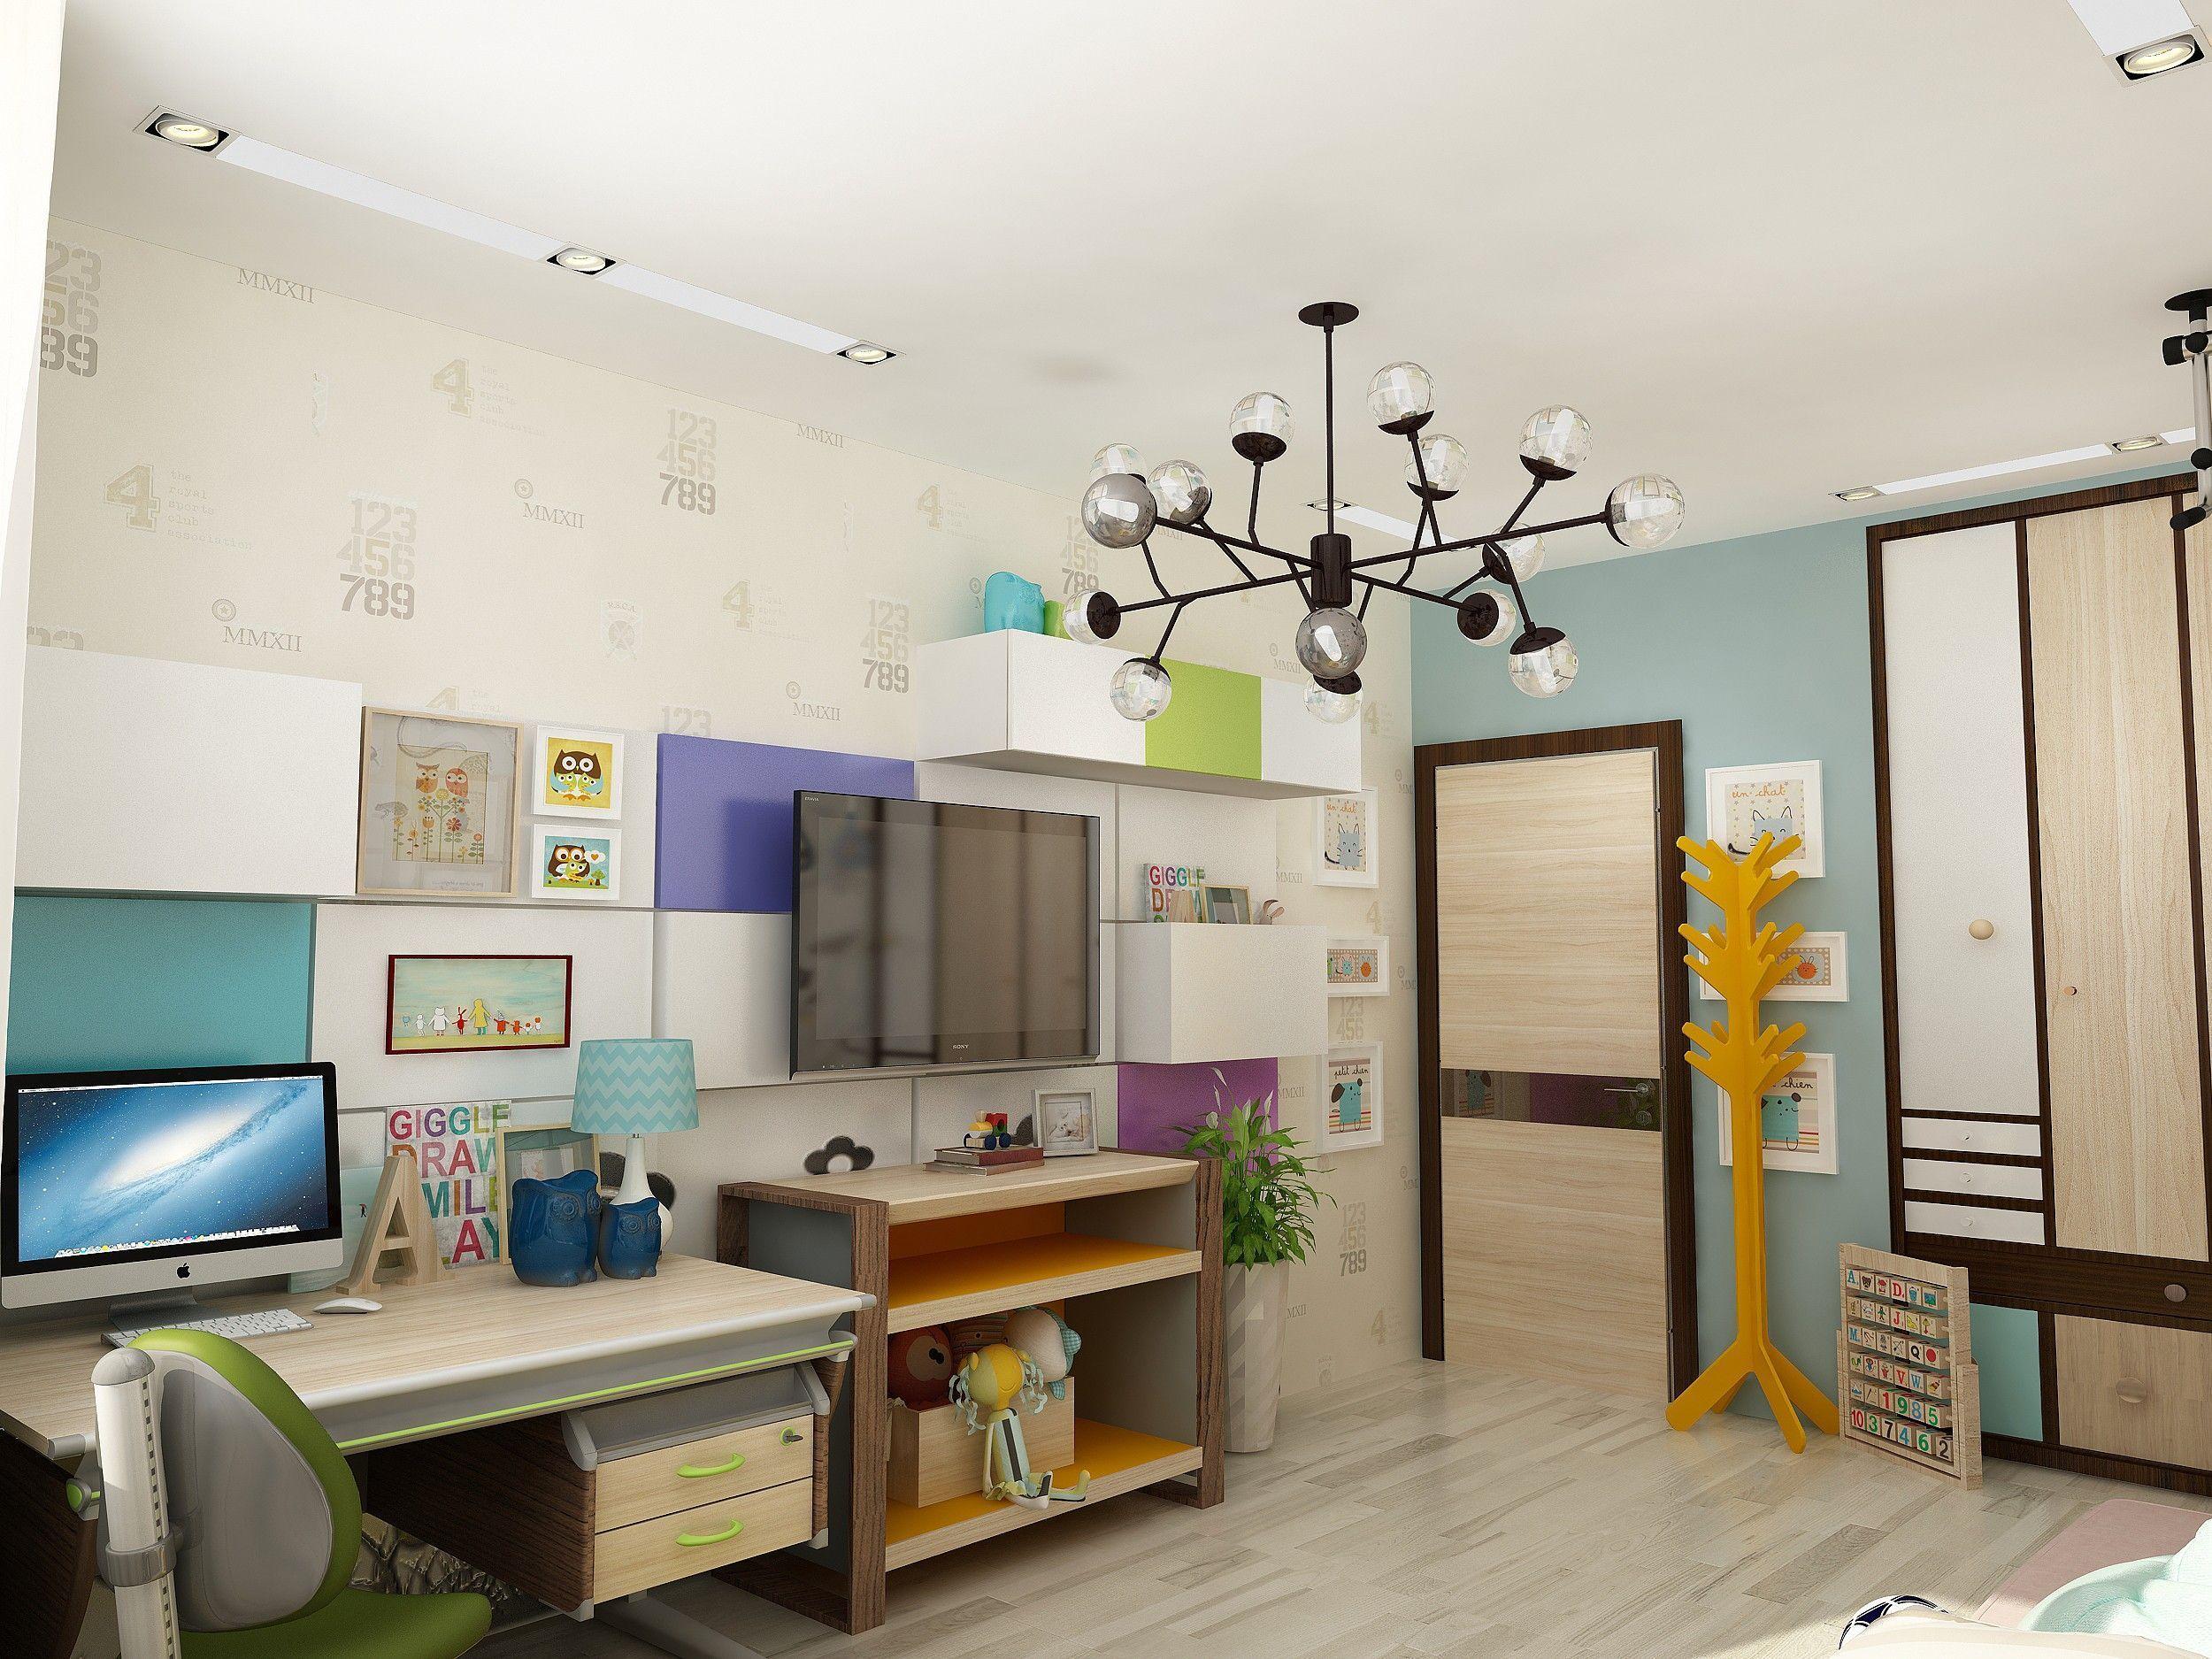 Детская комната: дизайн интерьера